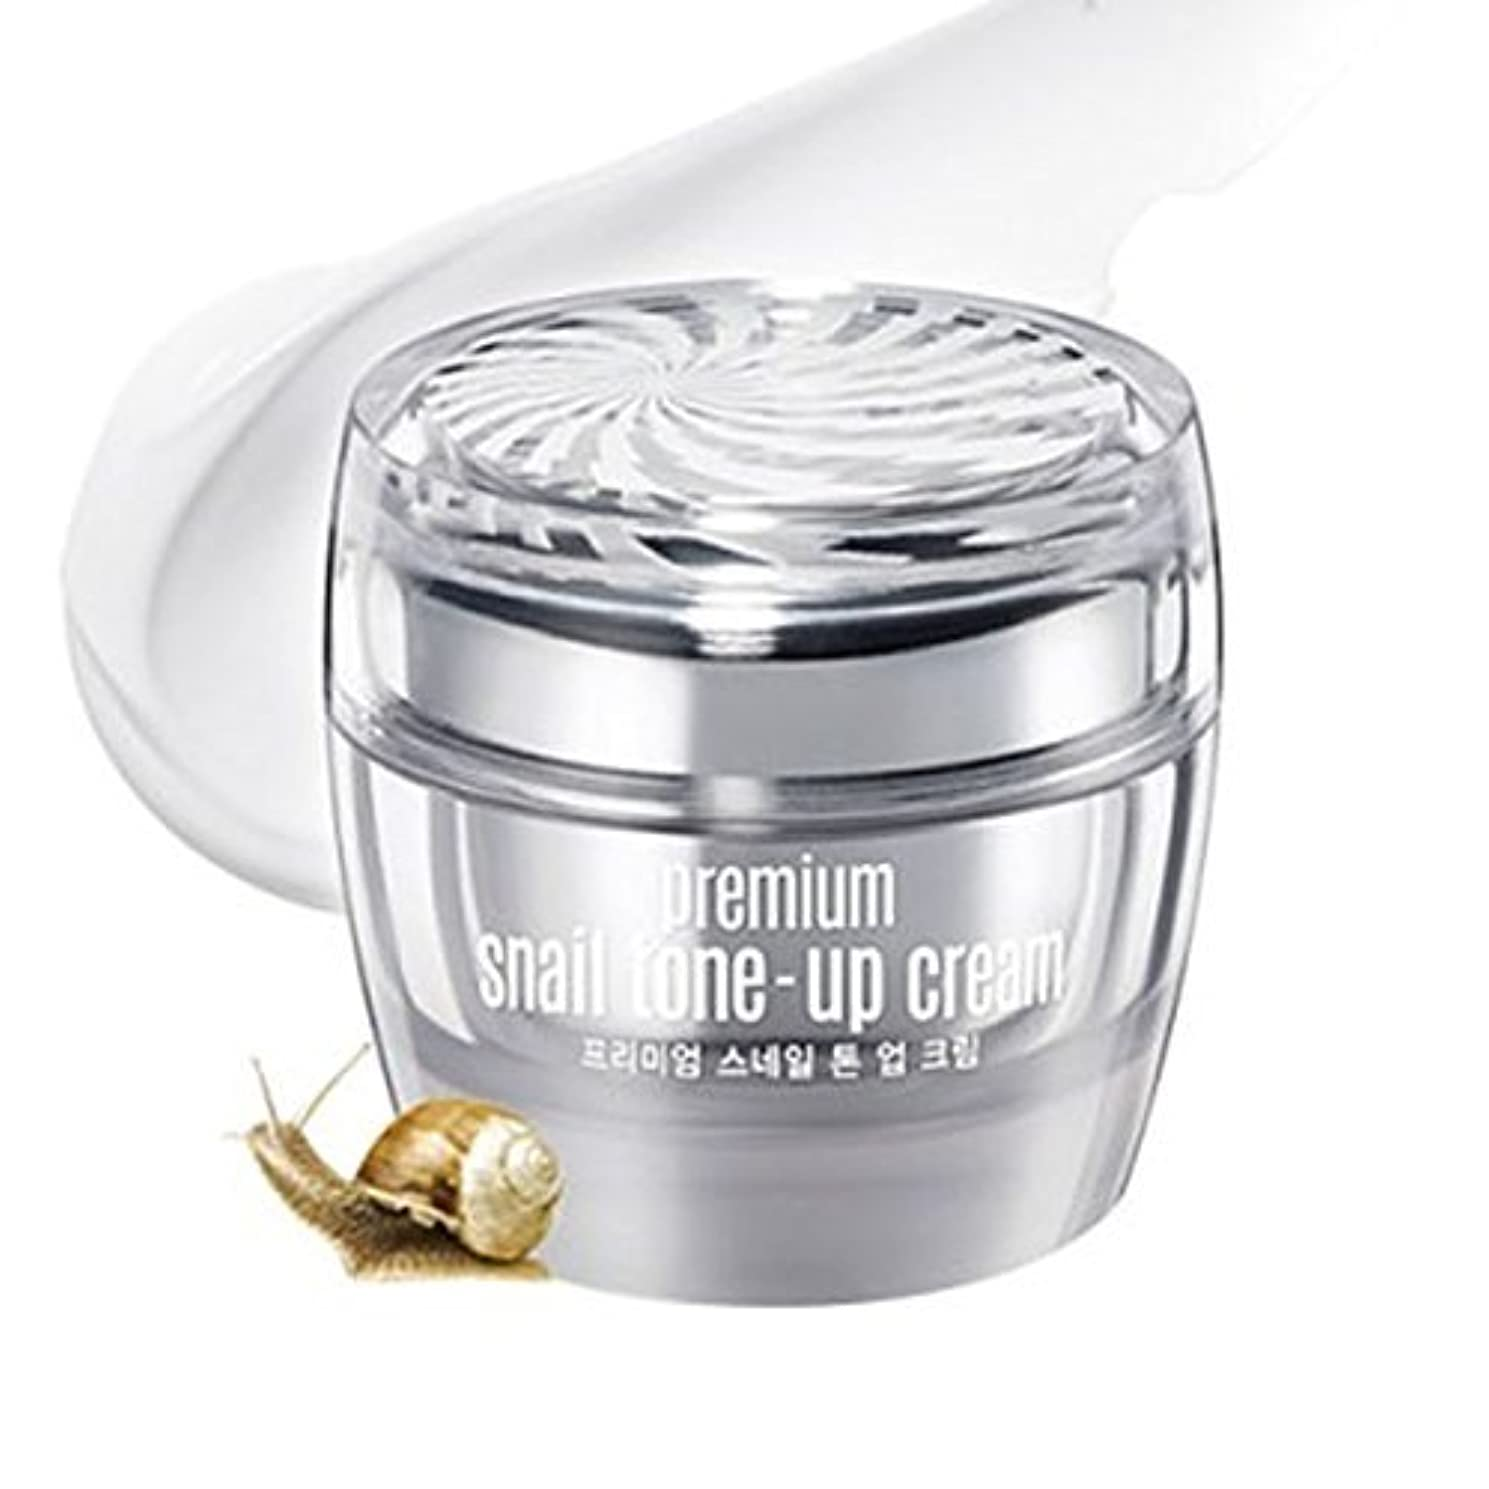 自体トークビルグーダル プレミアム スネイル トーンアップ クリーム CLIO Goodal Premium Snail Tone Up Whitening Cream 50ml(1.69oz)/Korea Cosmetic [並行輸入品]